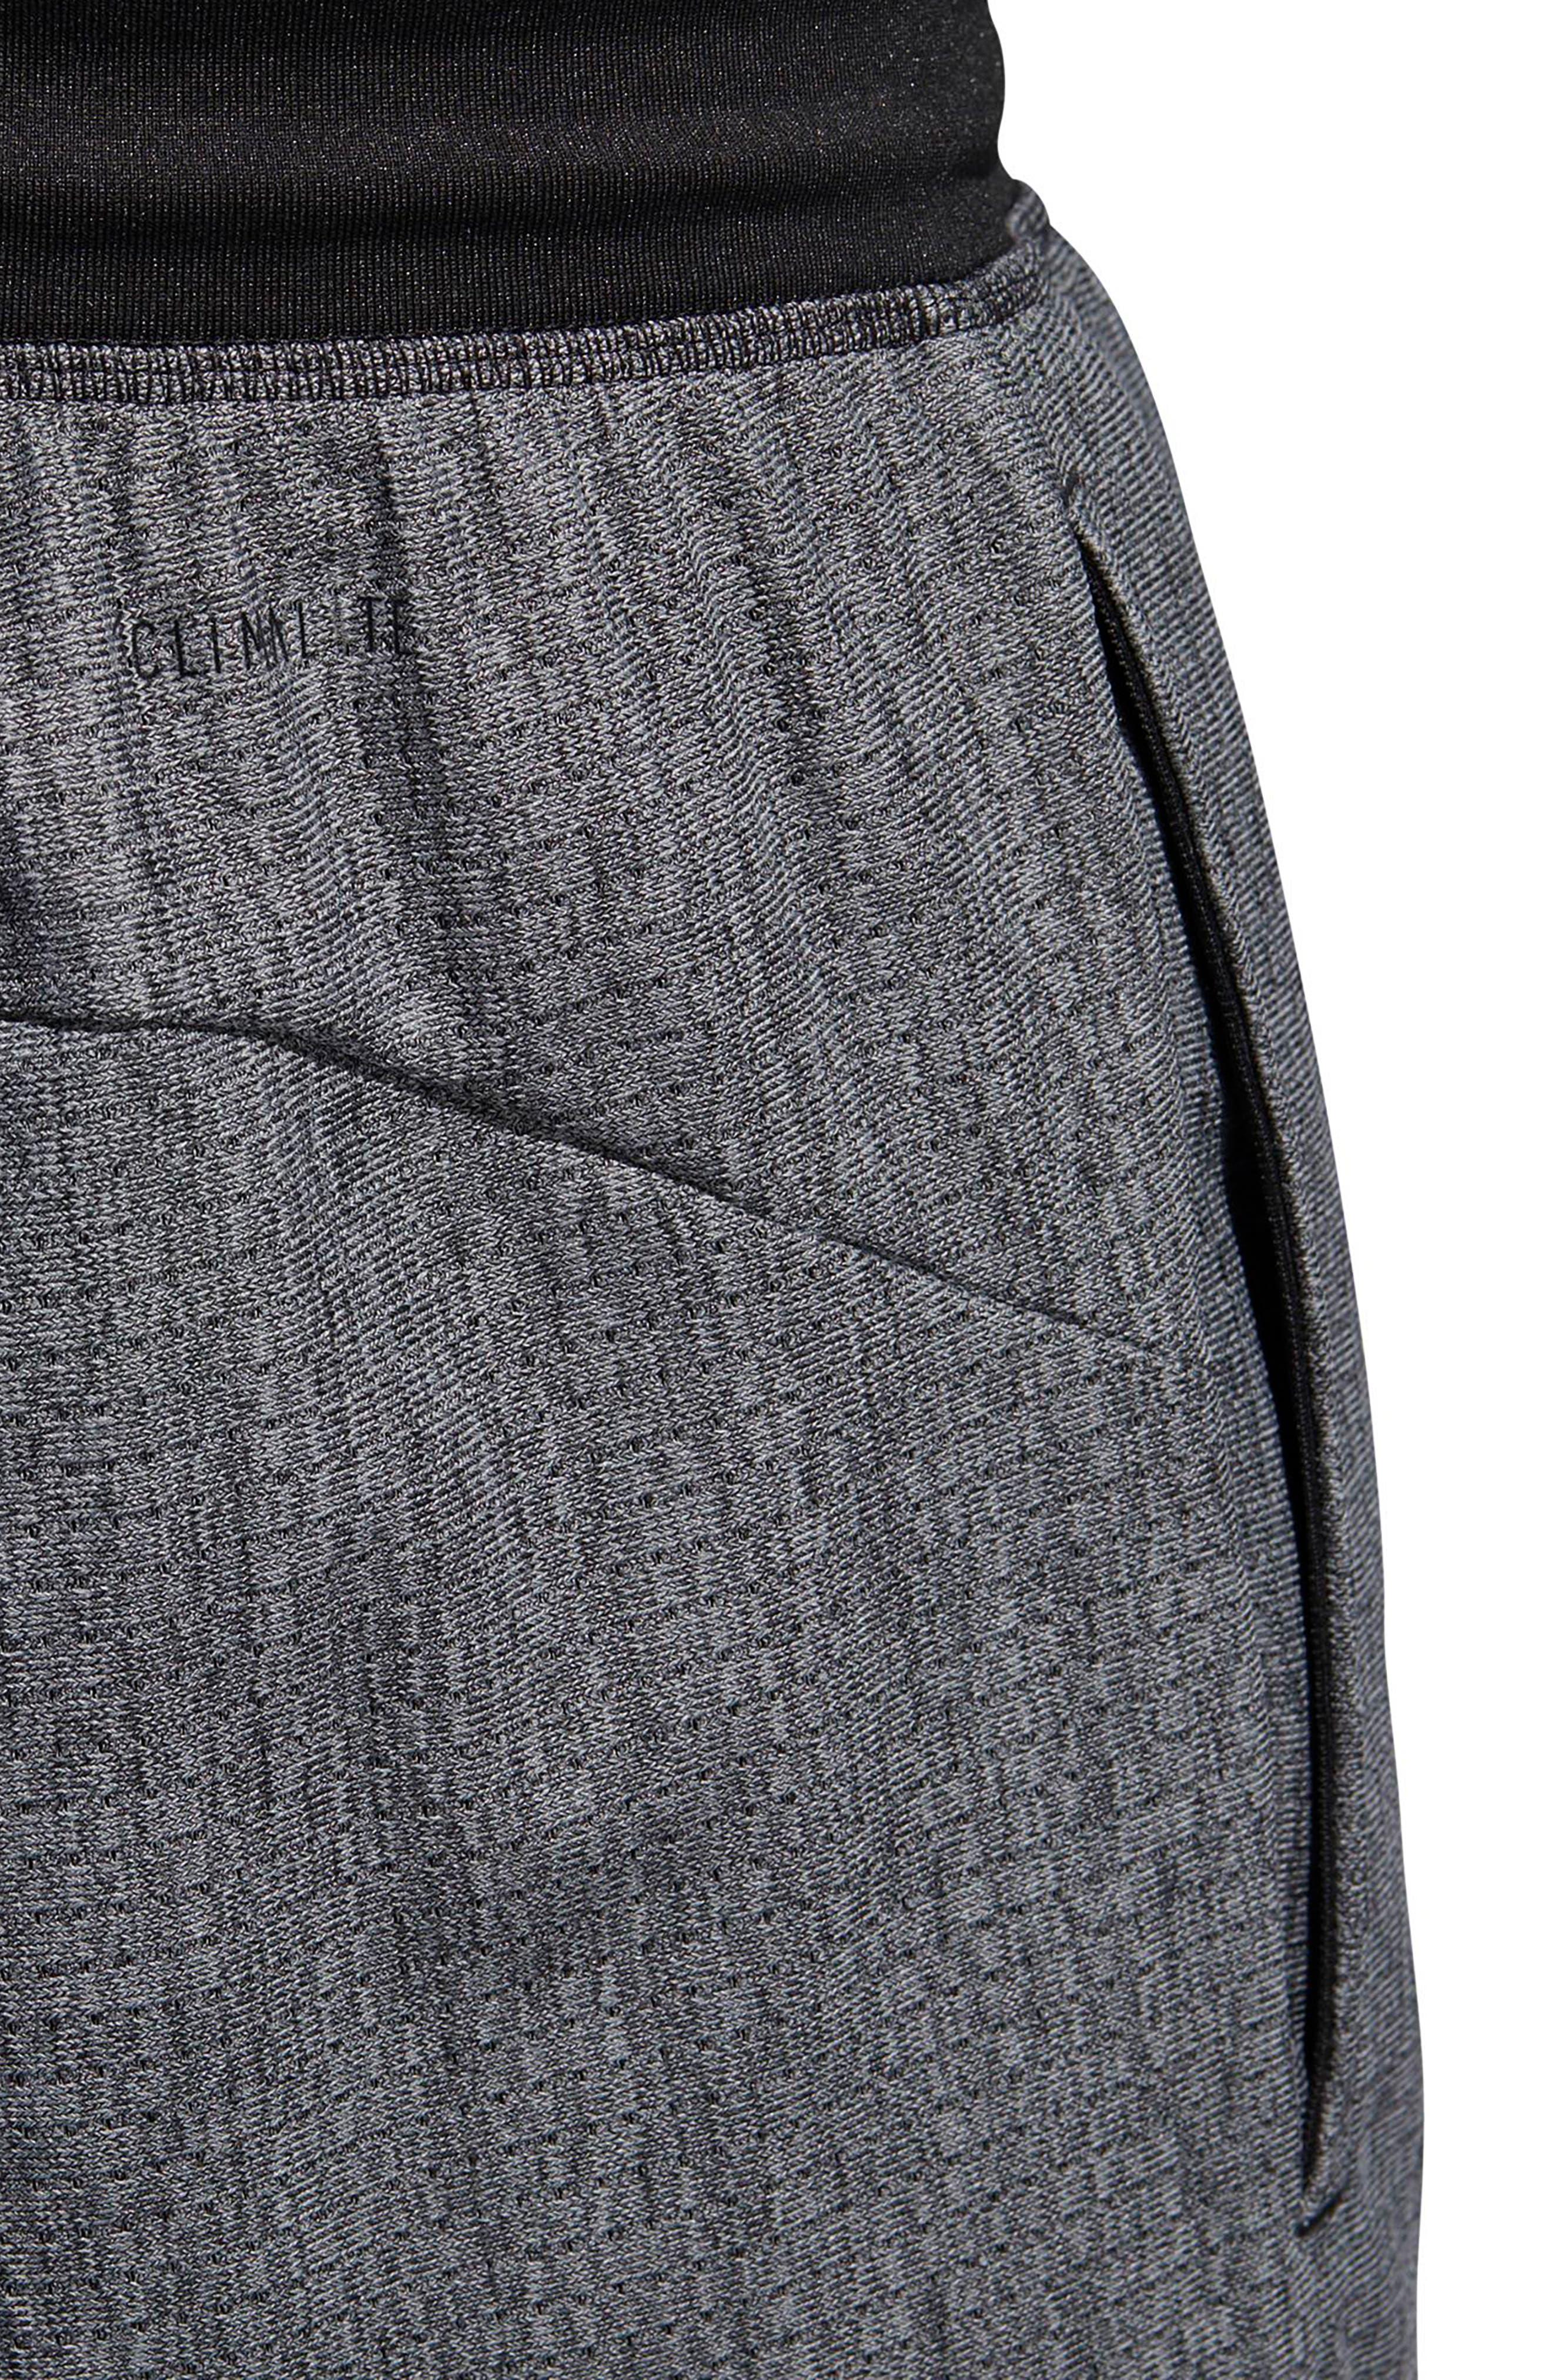 Speedbreaker Shorts,                             Alternate thumbnail 8, color,                             036